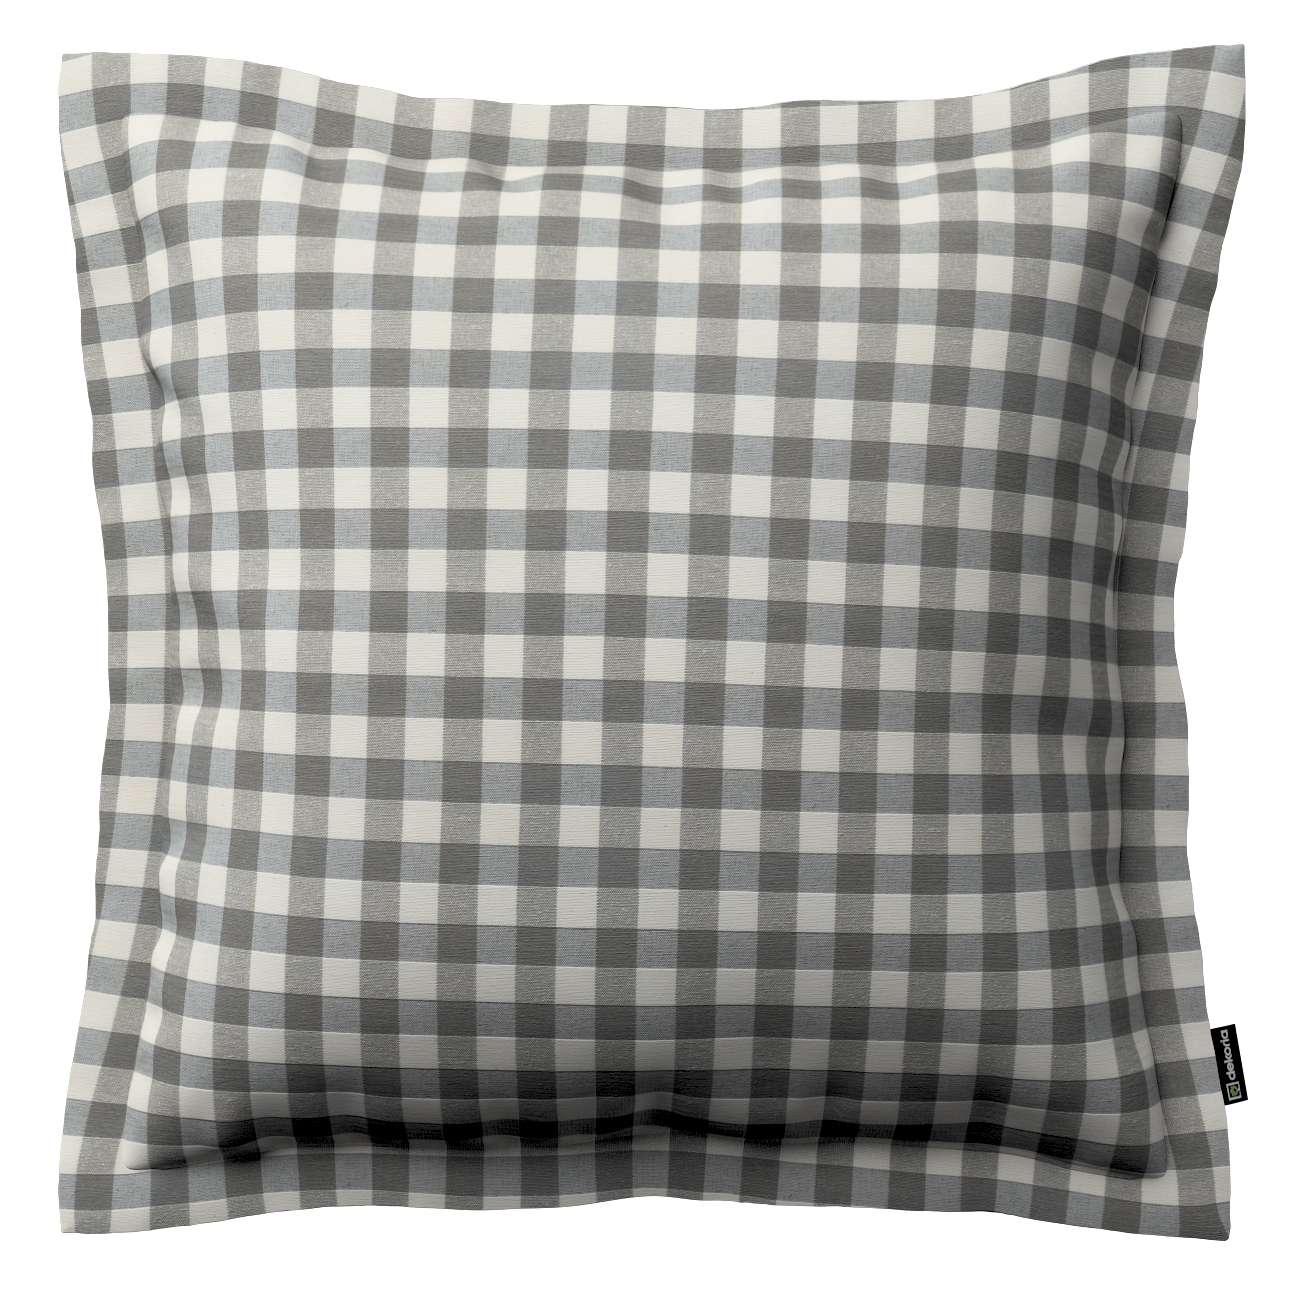 Poszewka Mona na poduszkę 38x38 cm w kolekcji Quadro, tkanina: 136-11